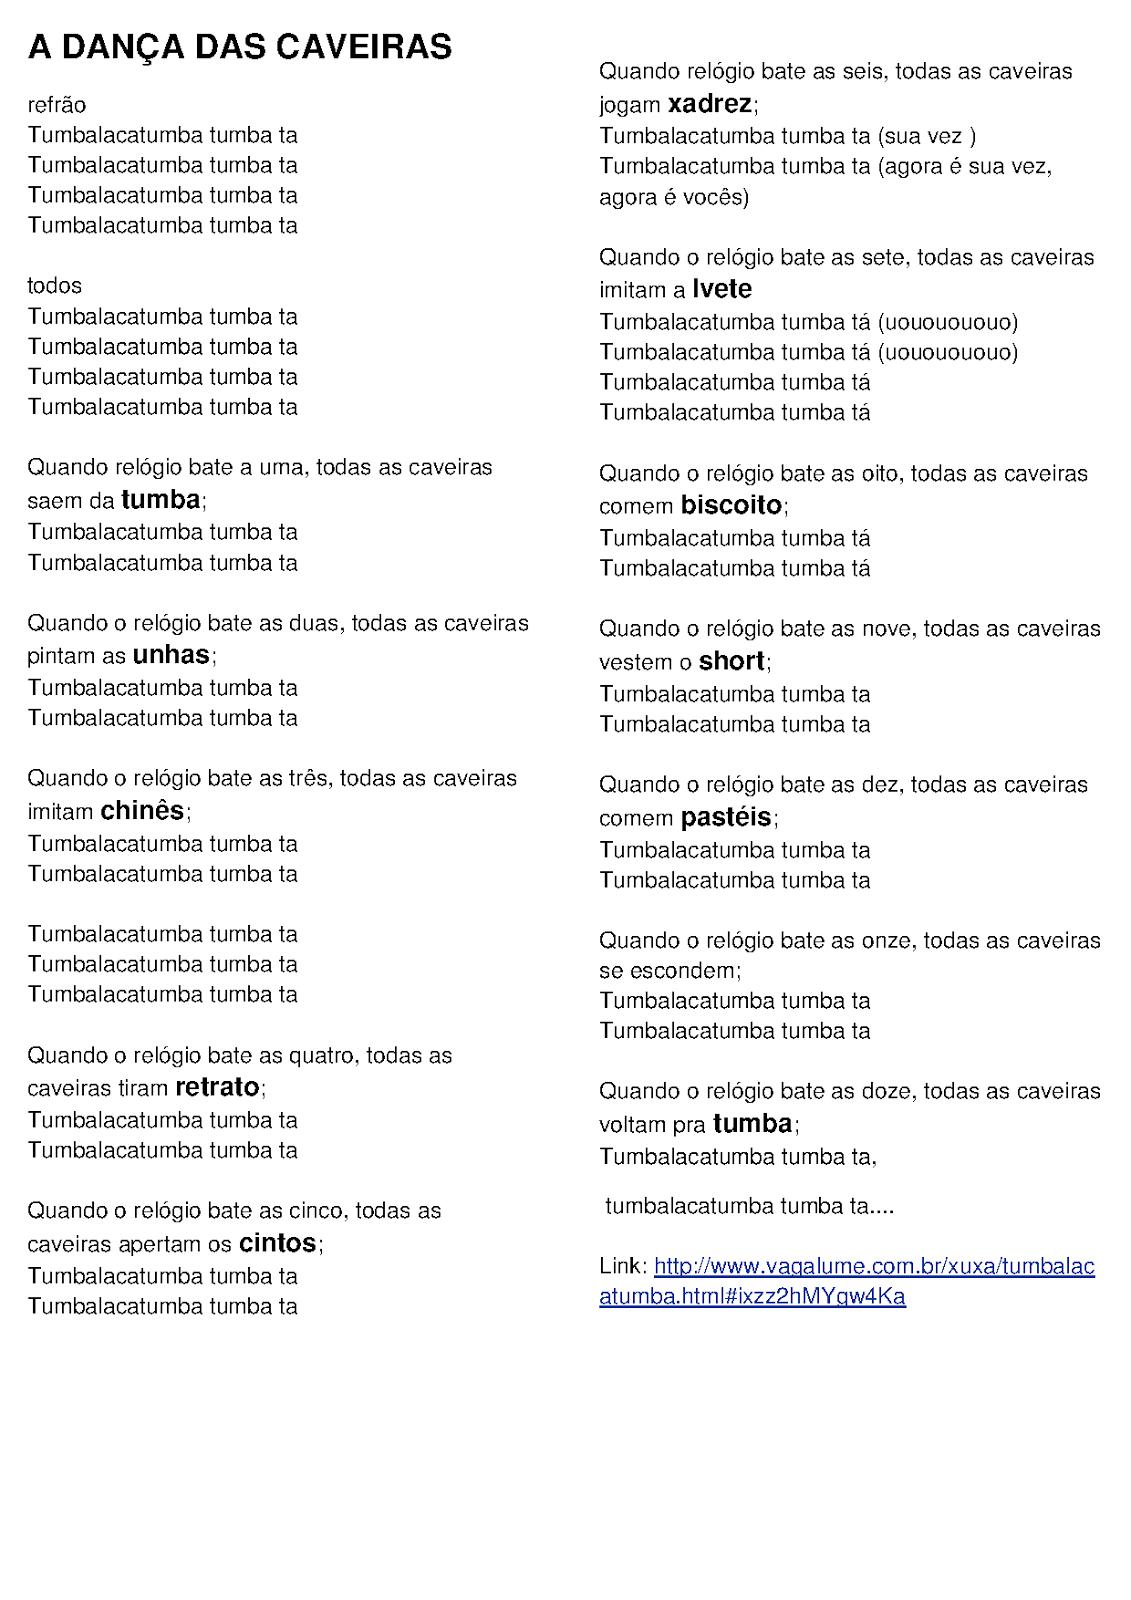 musica tumbalacatumba